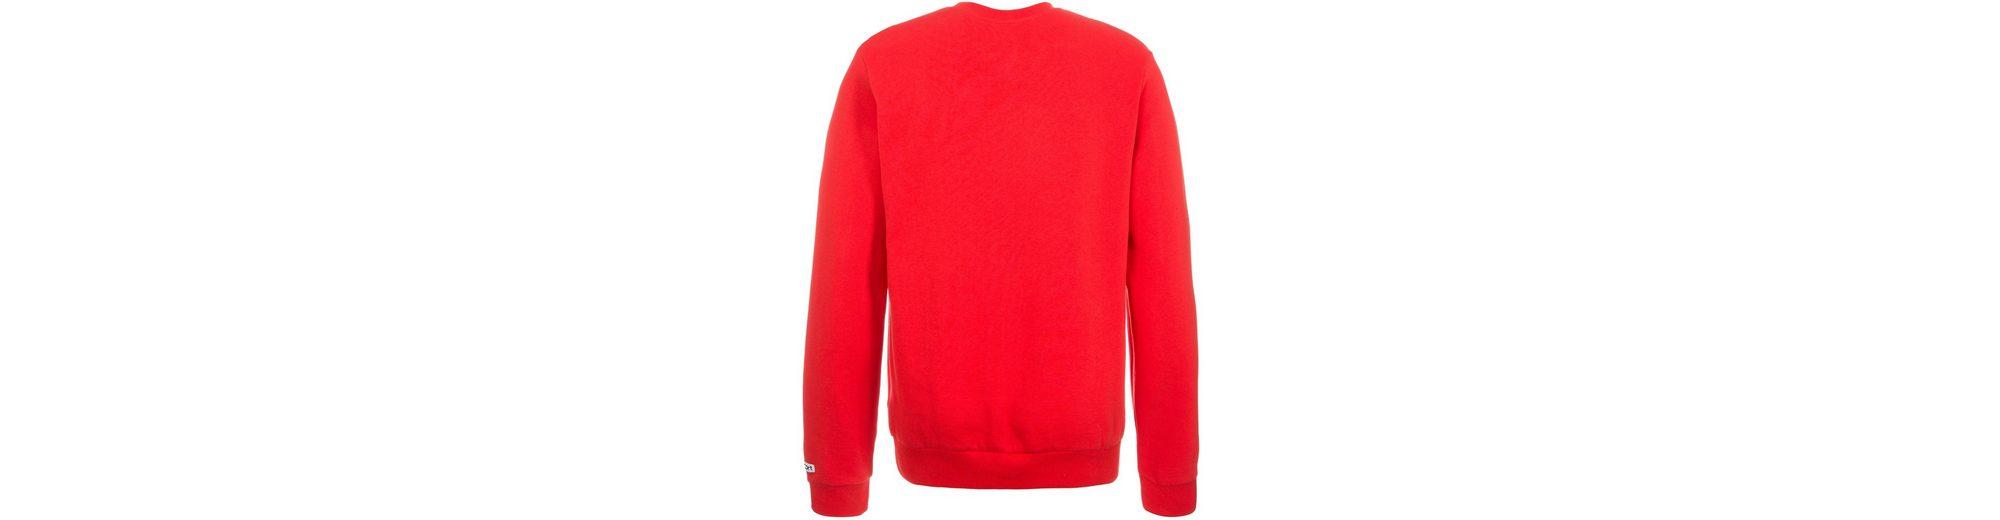 Auslass 2018 Unisex UHLSPORT Essential Sweatshirt Herren Auslass Sehr Billig L4hG2